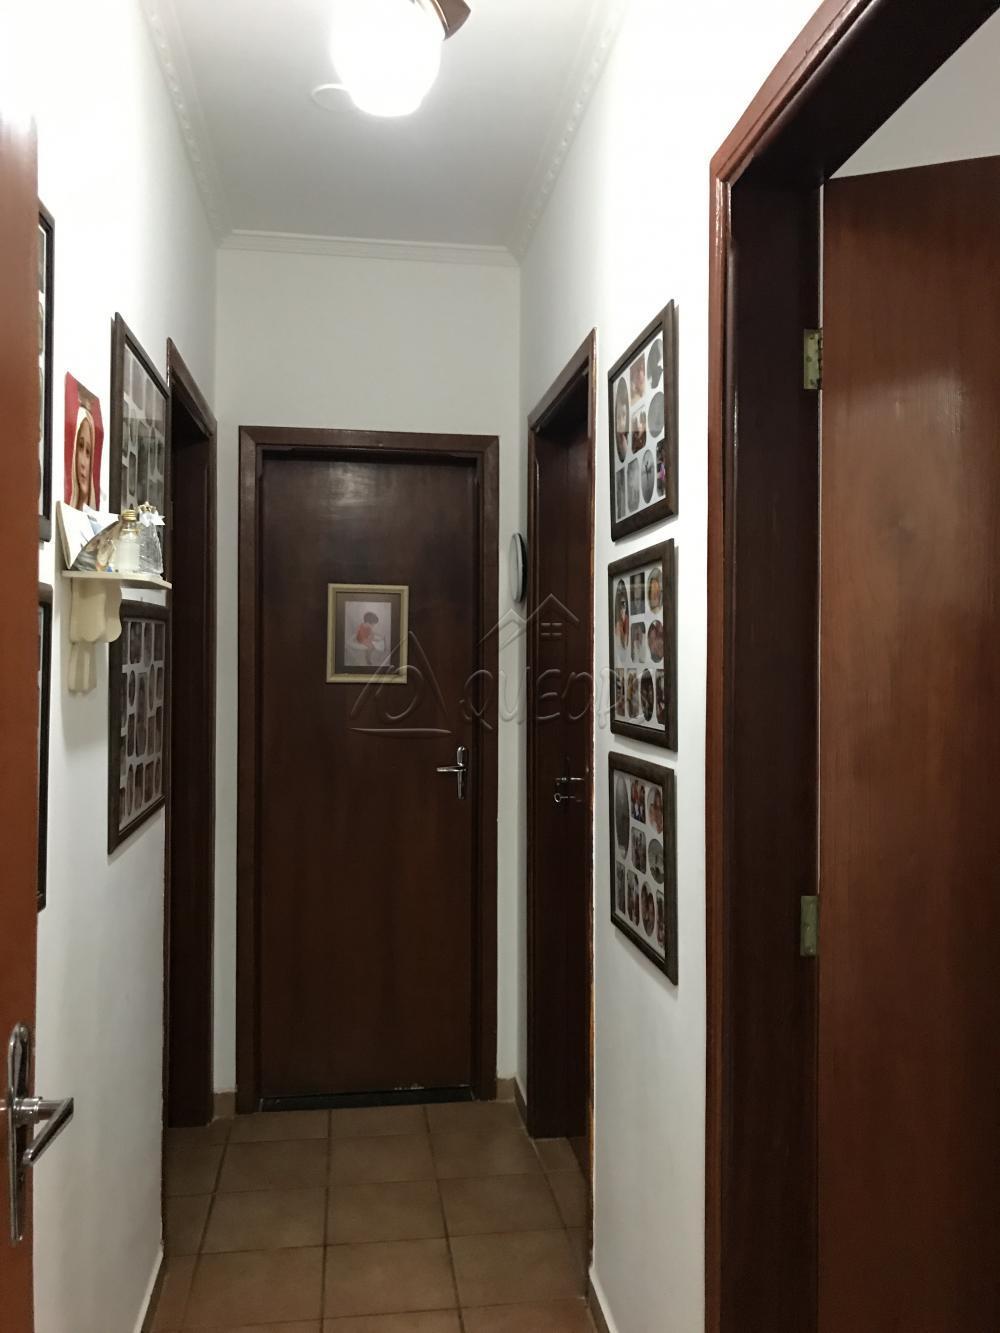 Comprar Casa / Padrão em Barretos R$ 490.000,00 - Foto 13